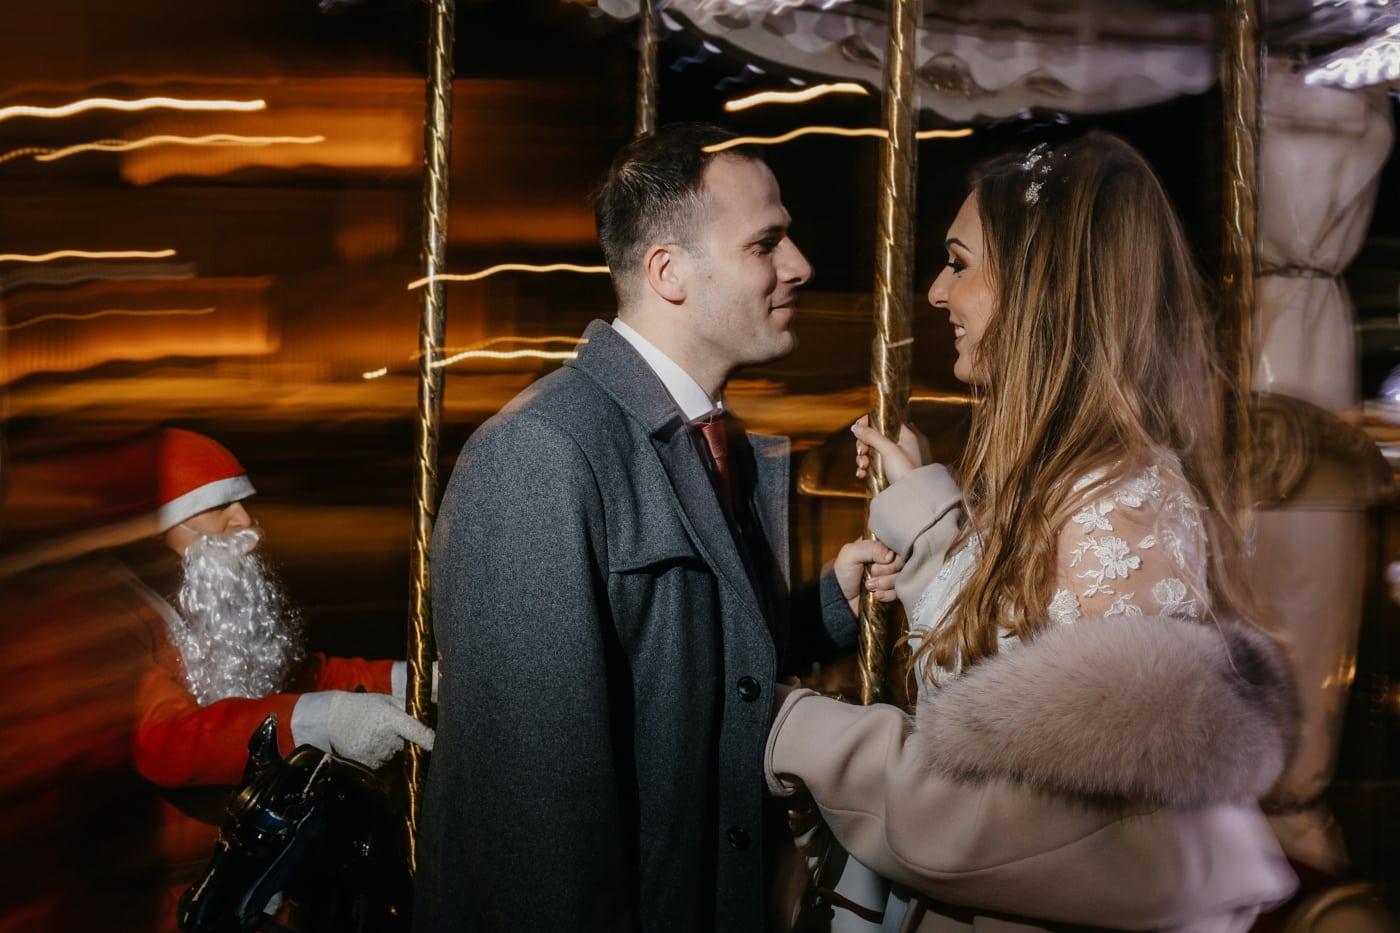 love date, new year, christmas, girlfriend, boyfriend, carousel, people, woman, man, portrait